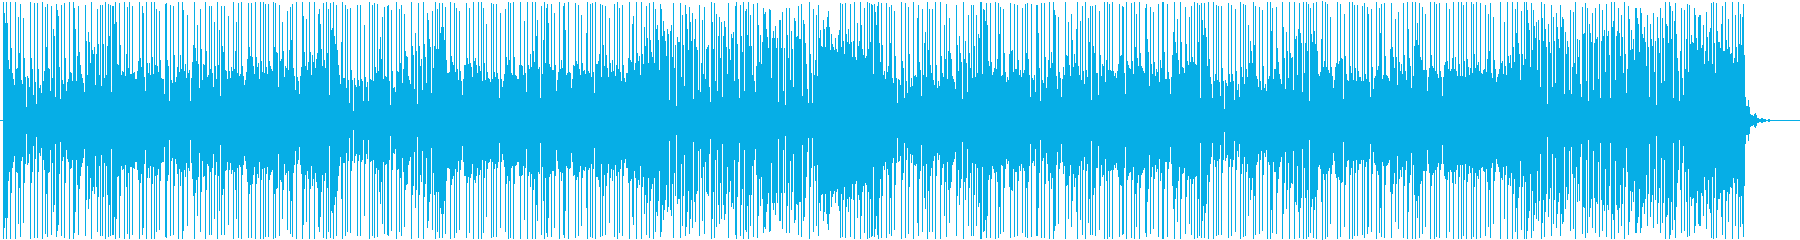 ポップなカートレースBGM01の再生済みの波形